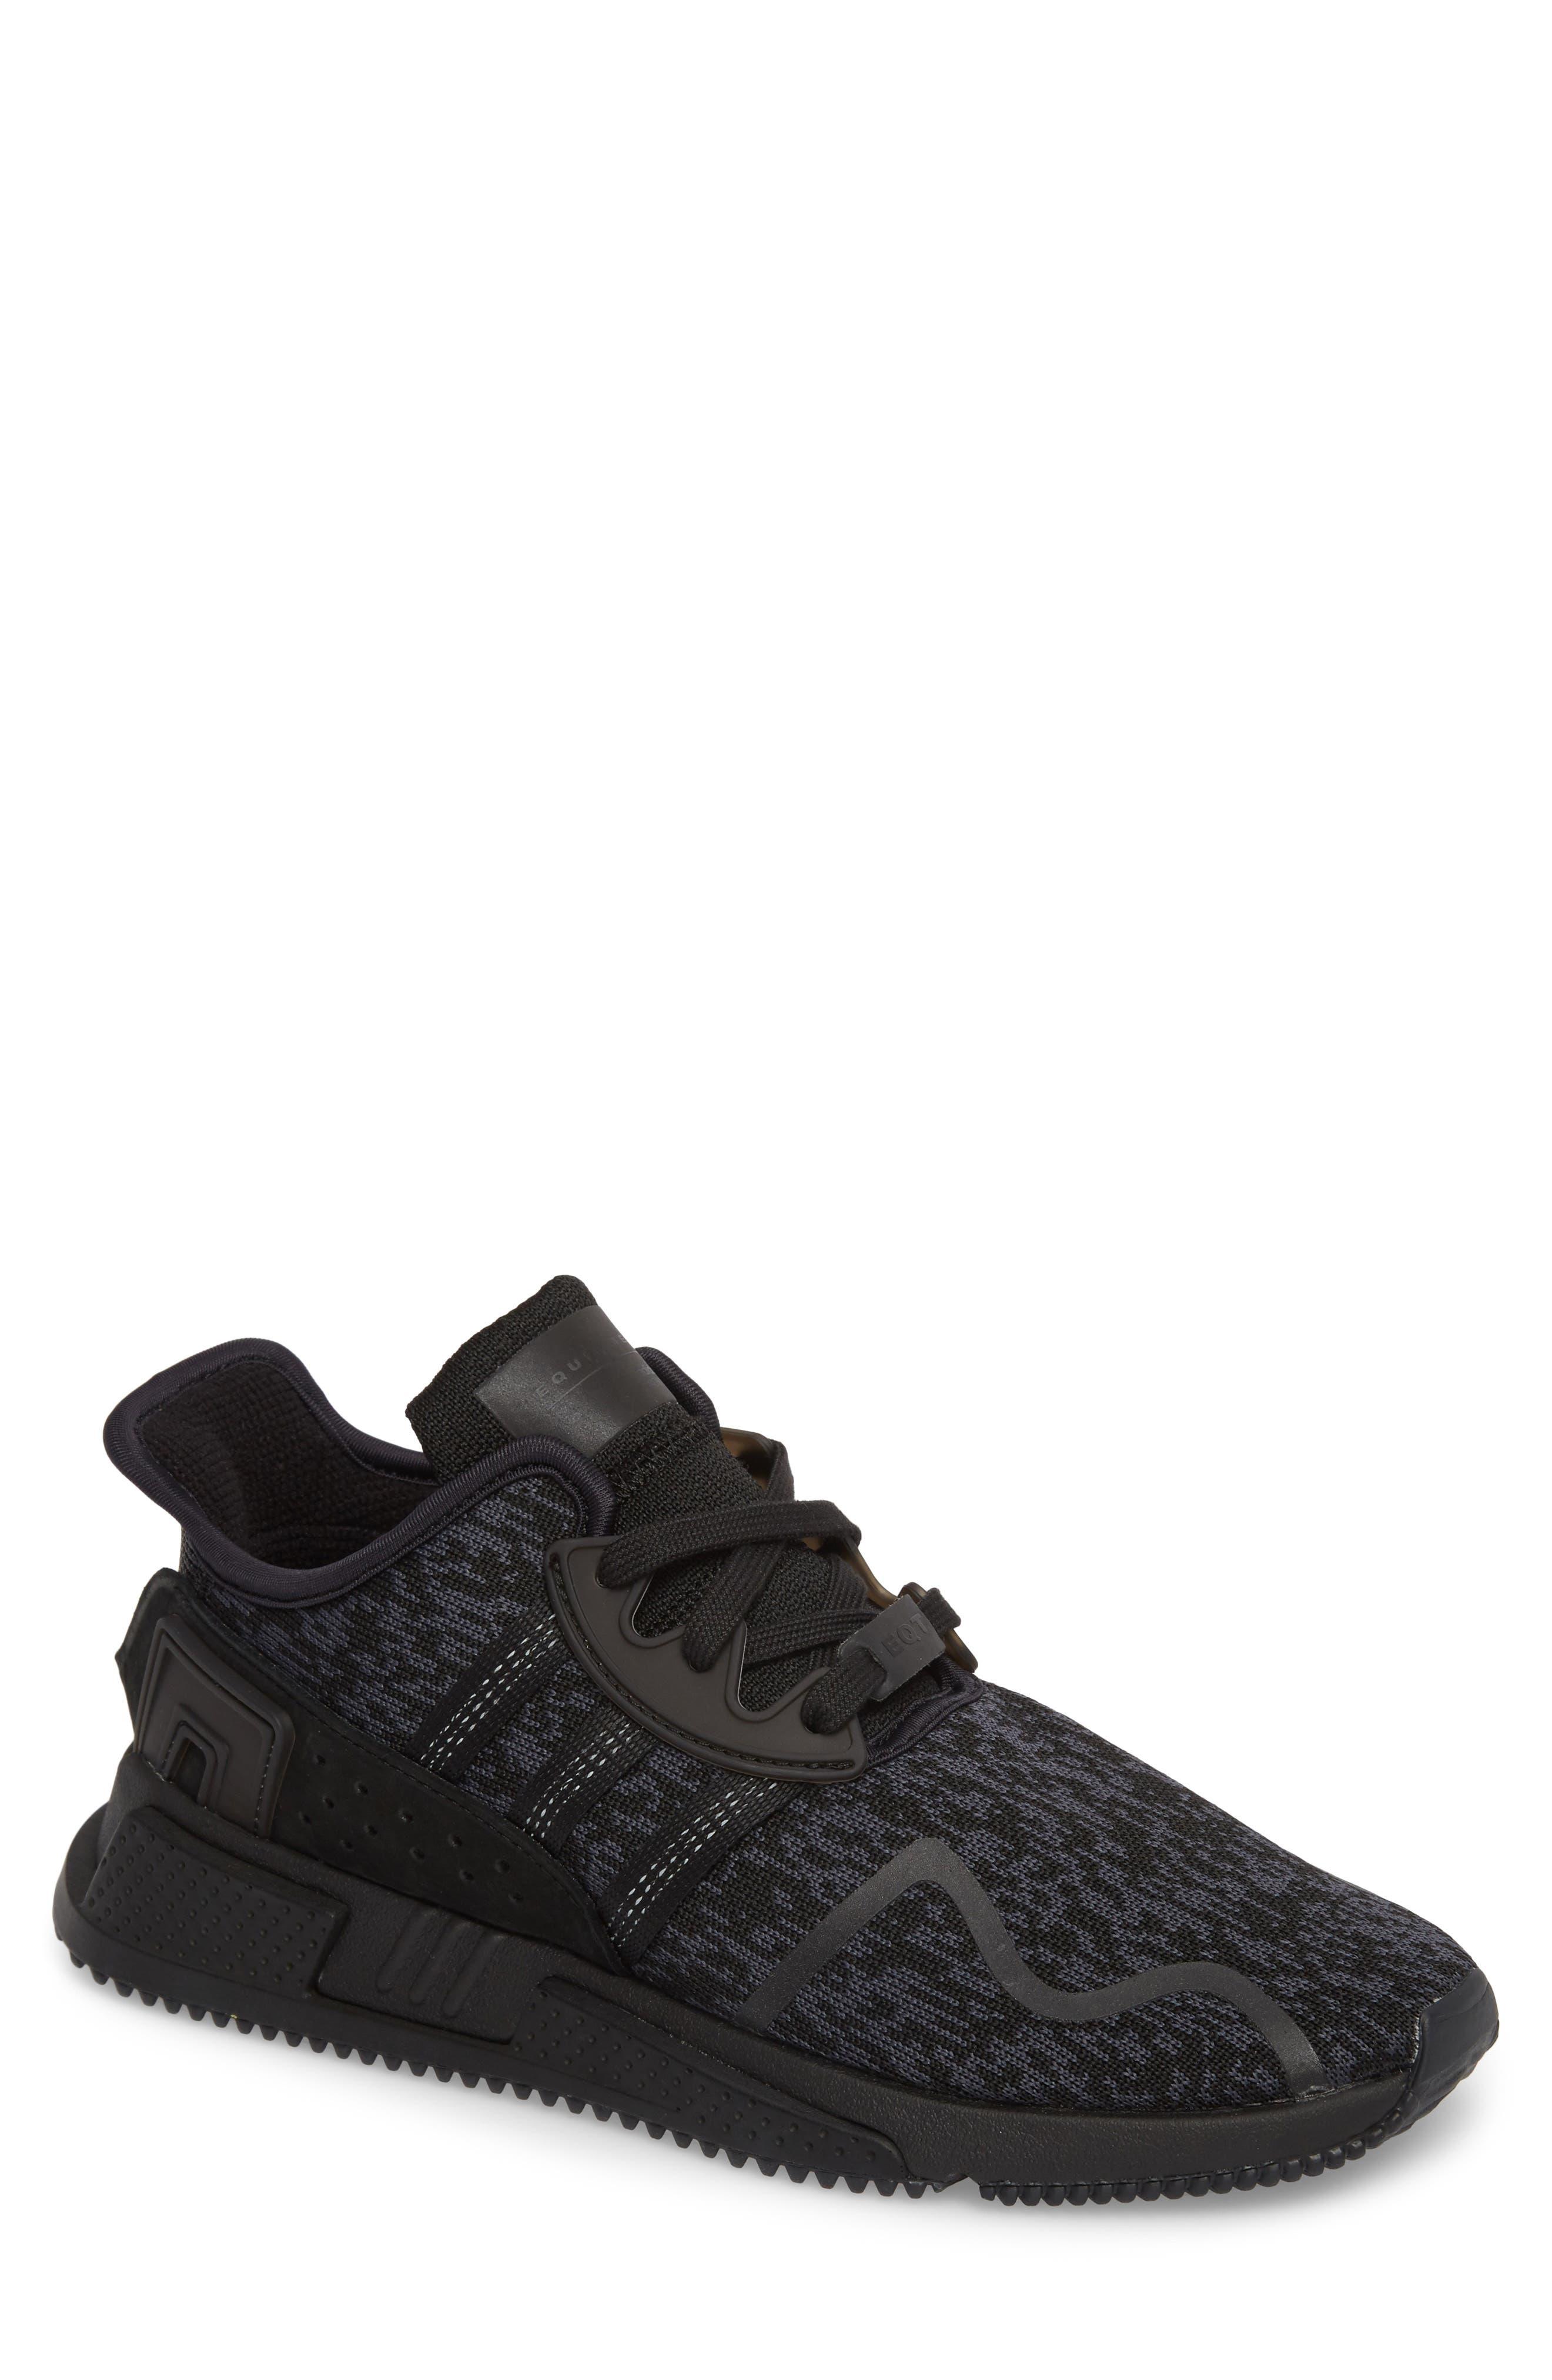 EQT Cushion ADV Sneaker,                             Main thumbnail 1, color,                             Core Black/ Core Black